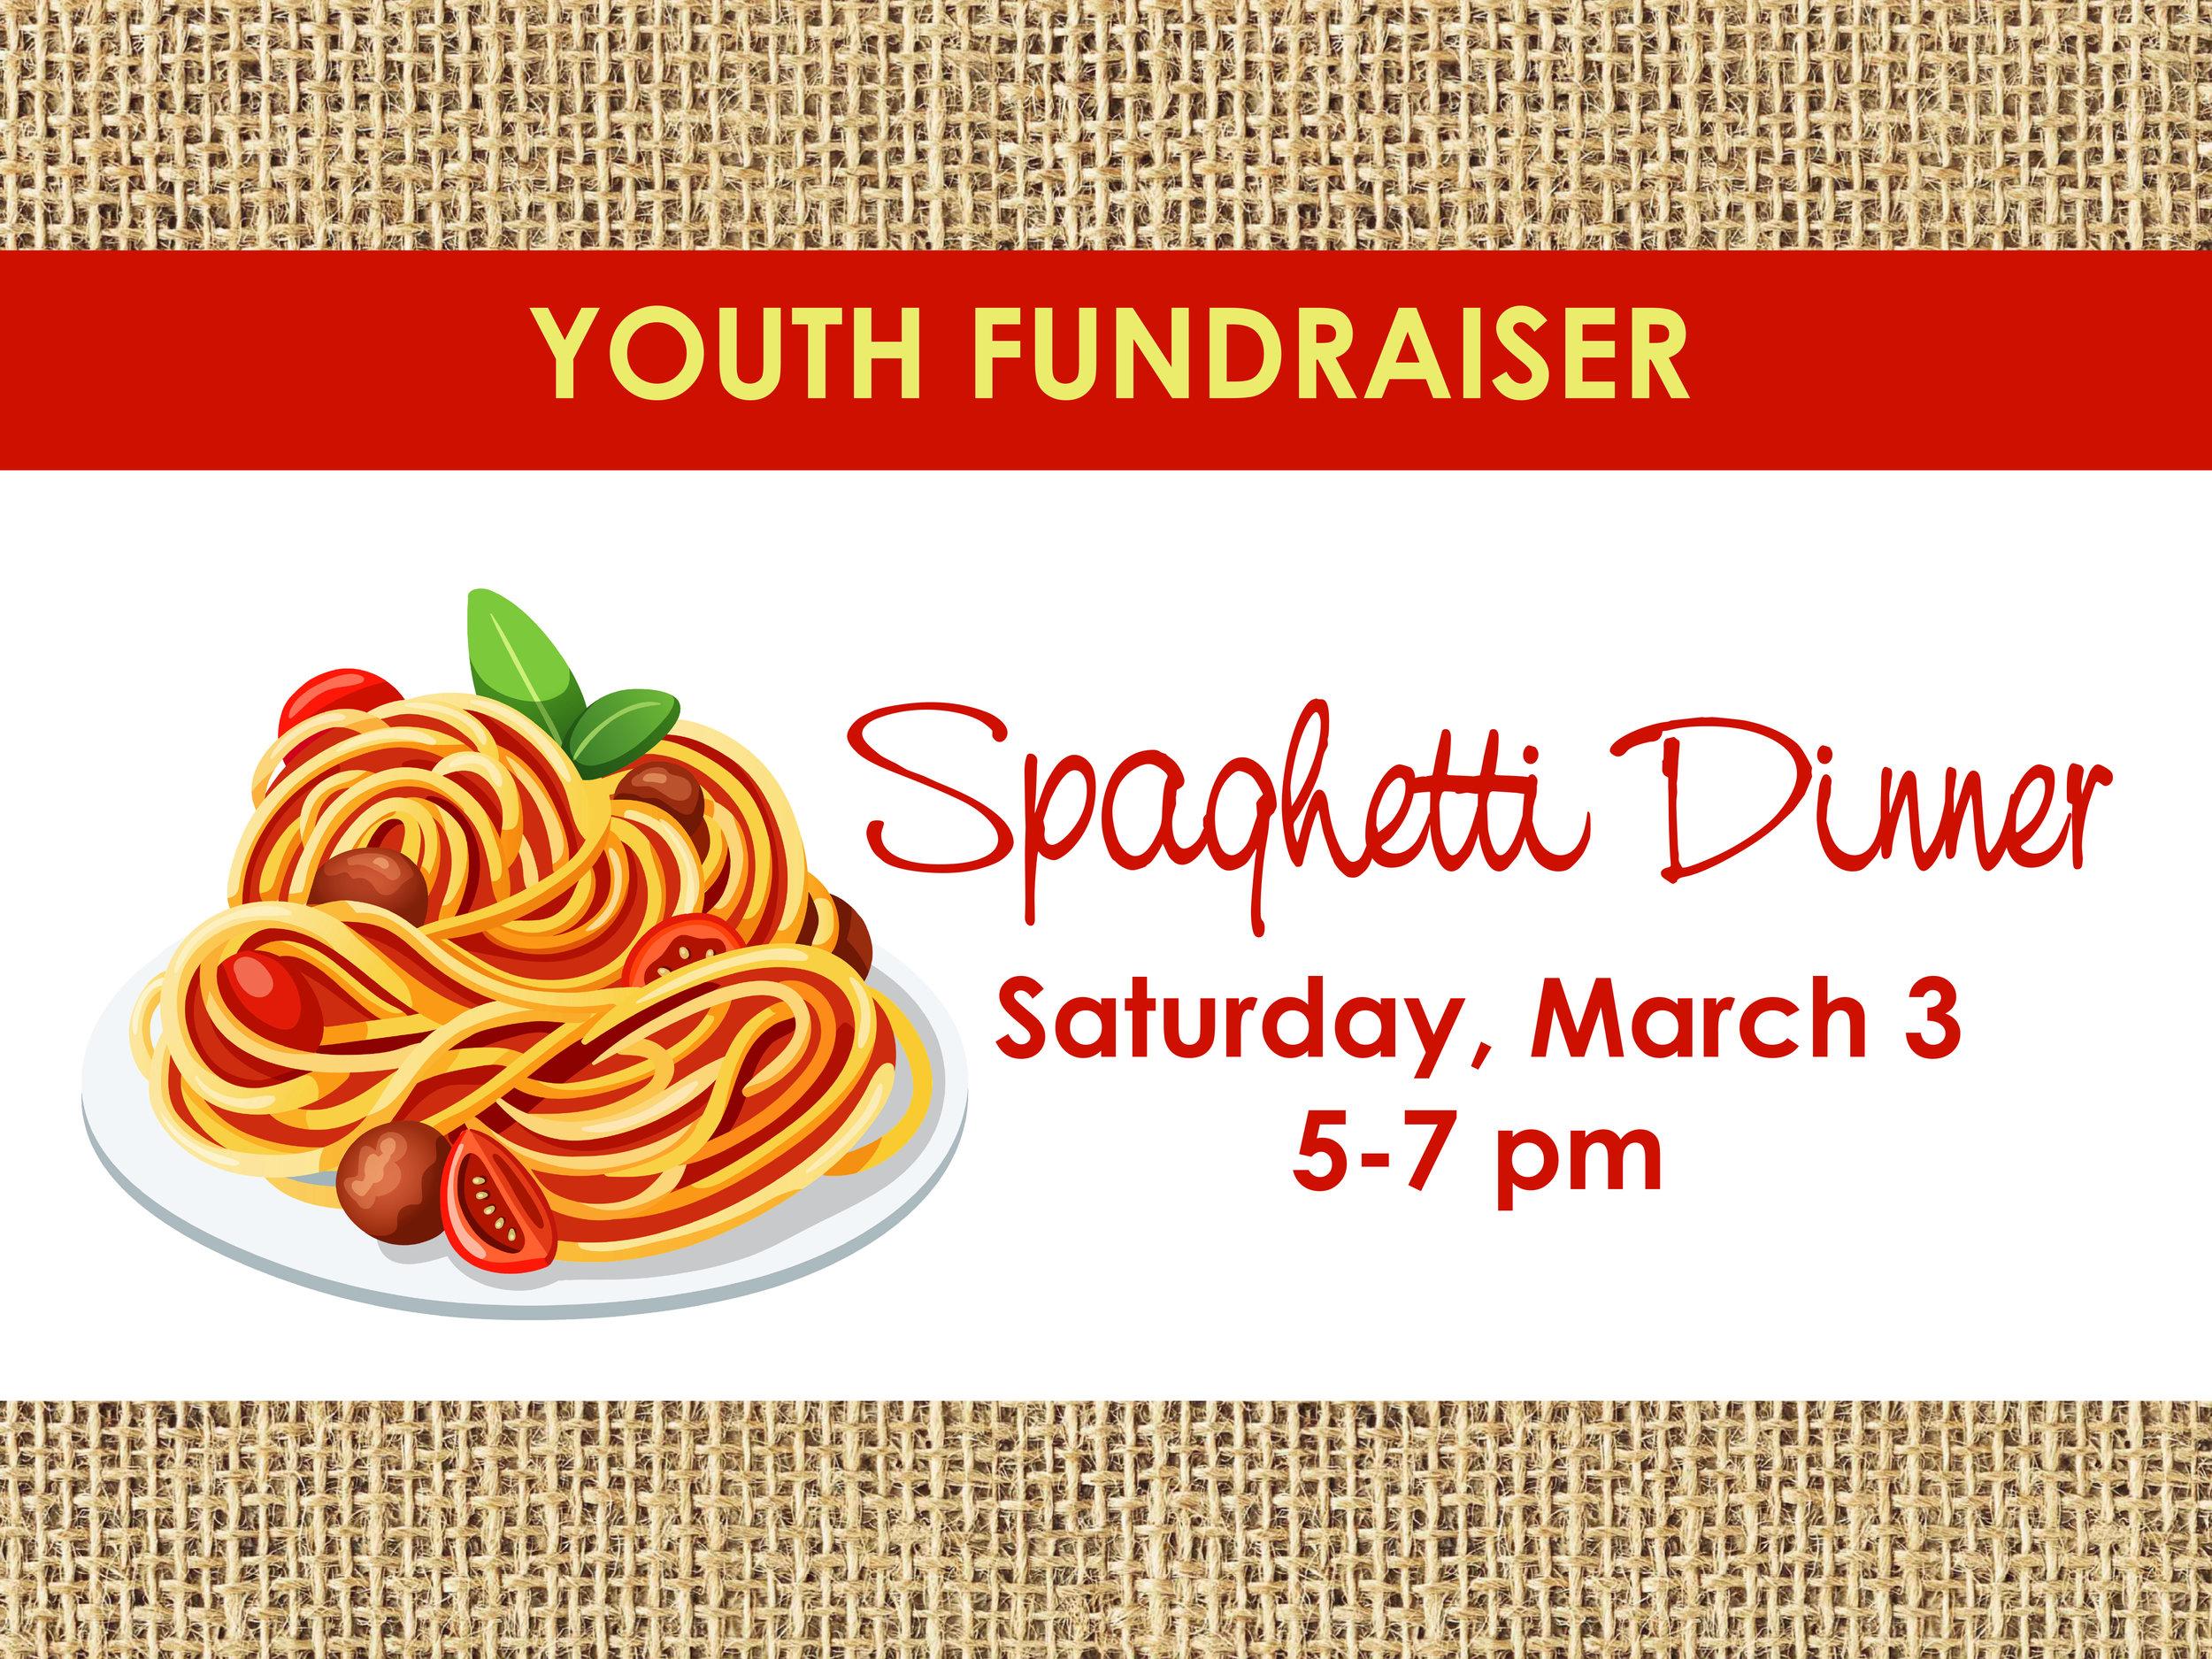 Spaghetti-Dinner-Feb-18-PPT.jpg